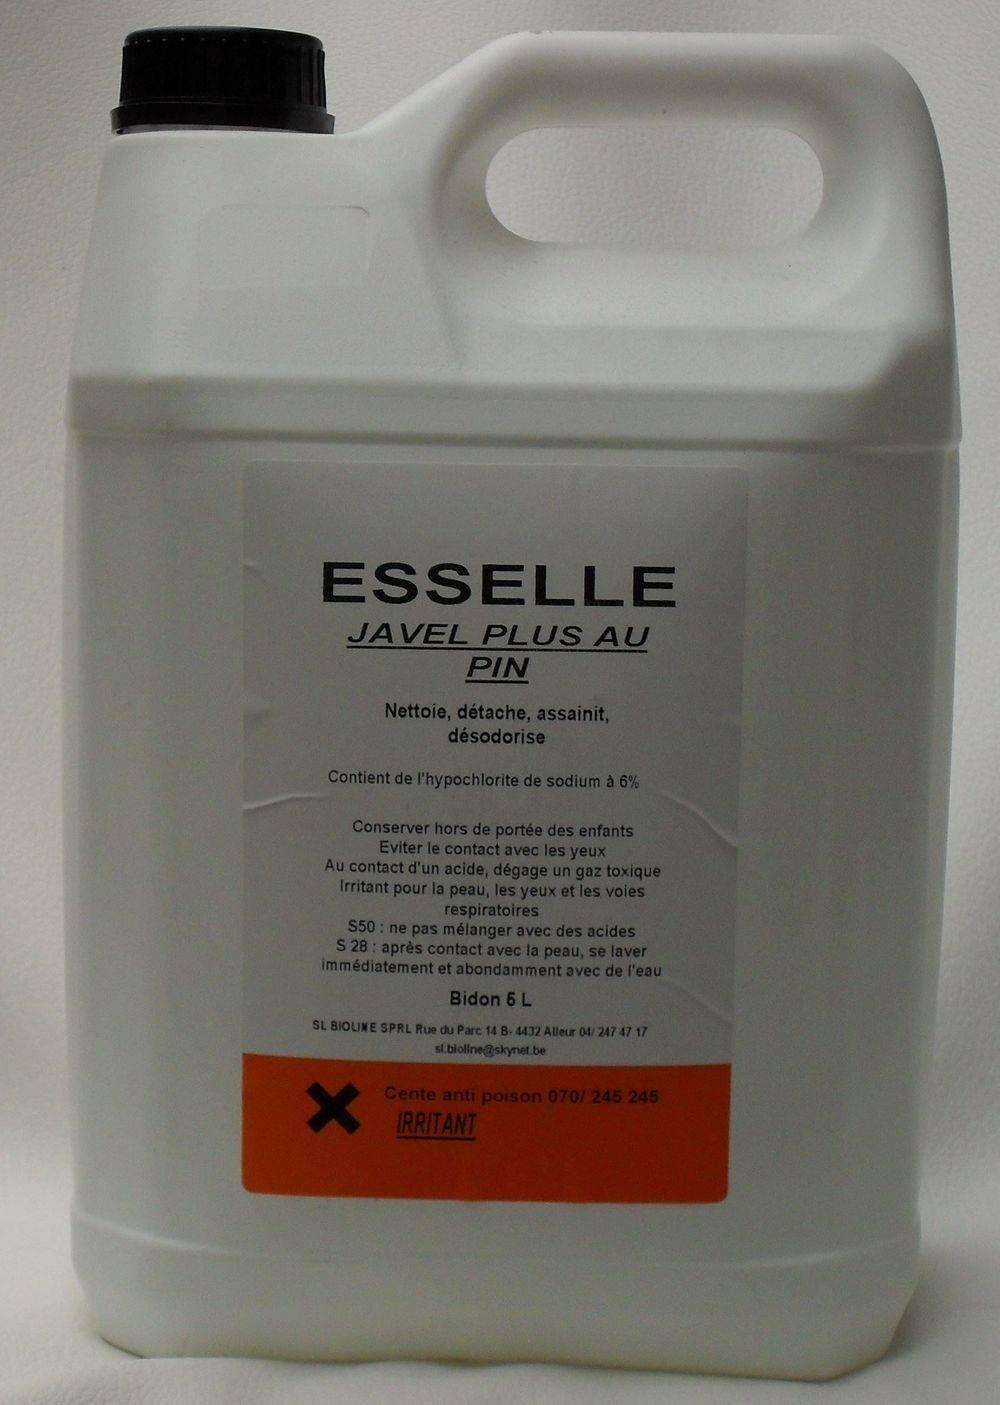 JAVEL + AU PIN 5 litres